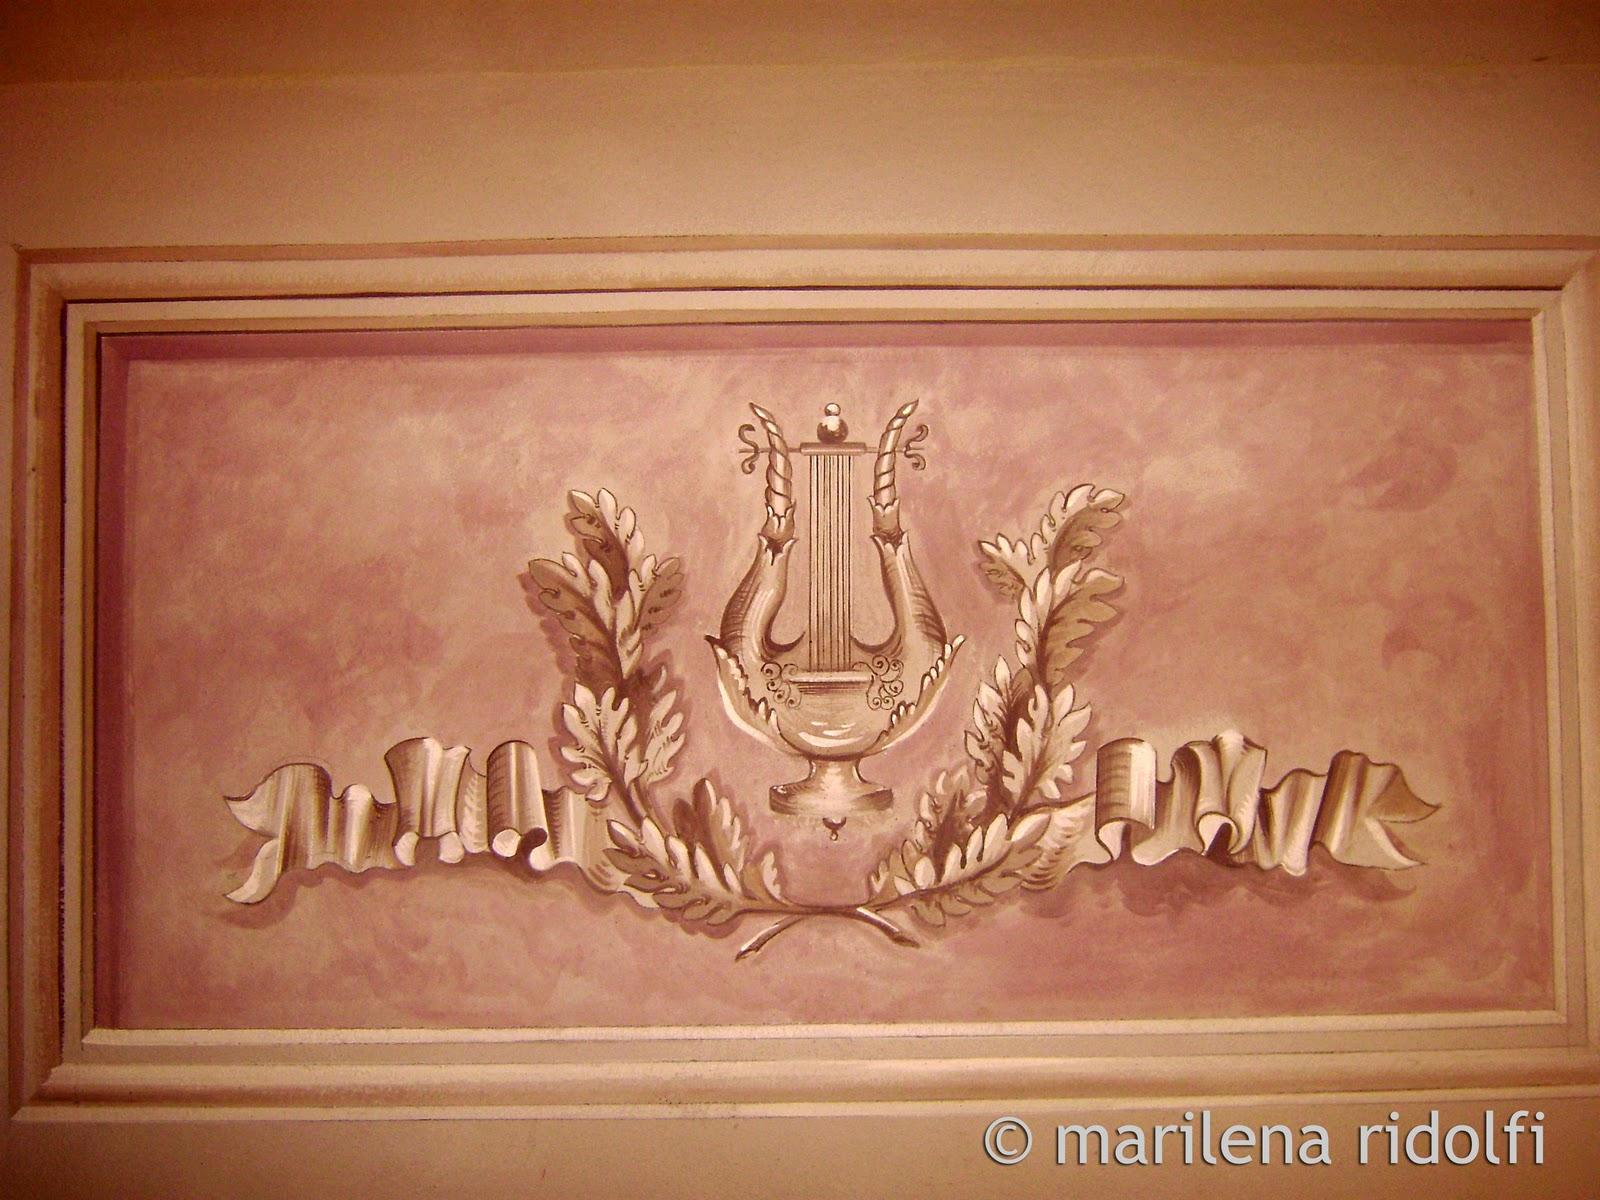 Decorazioni e restauro decorazioni murali - Decorazioni in legno per mobili ...